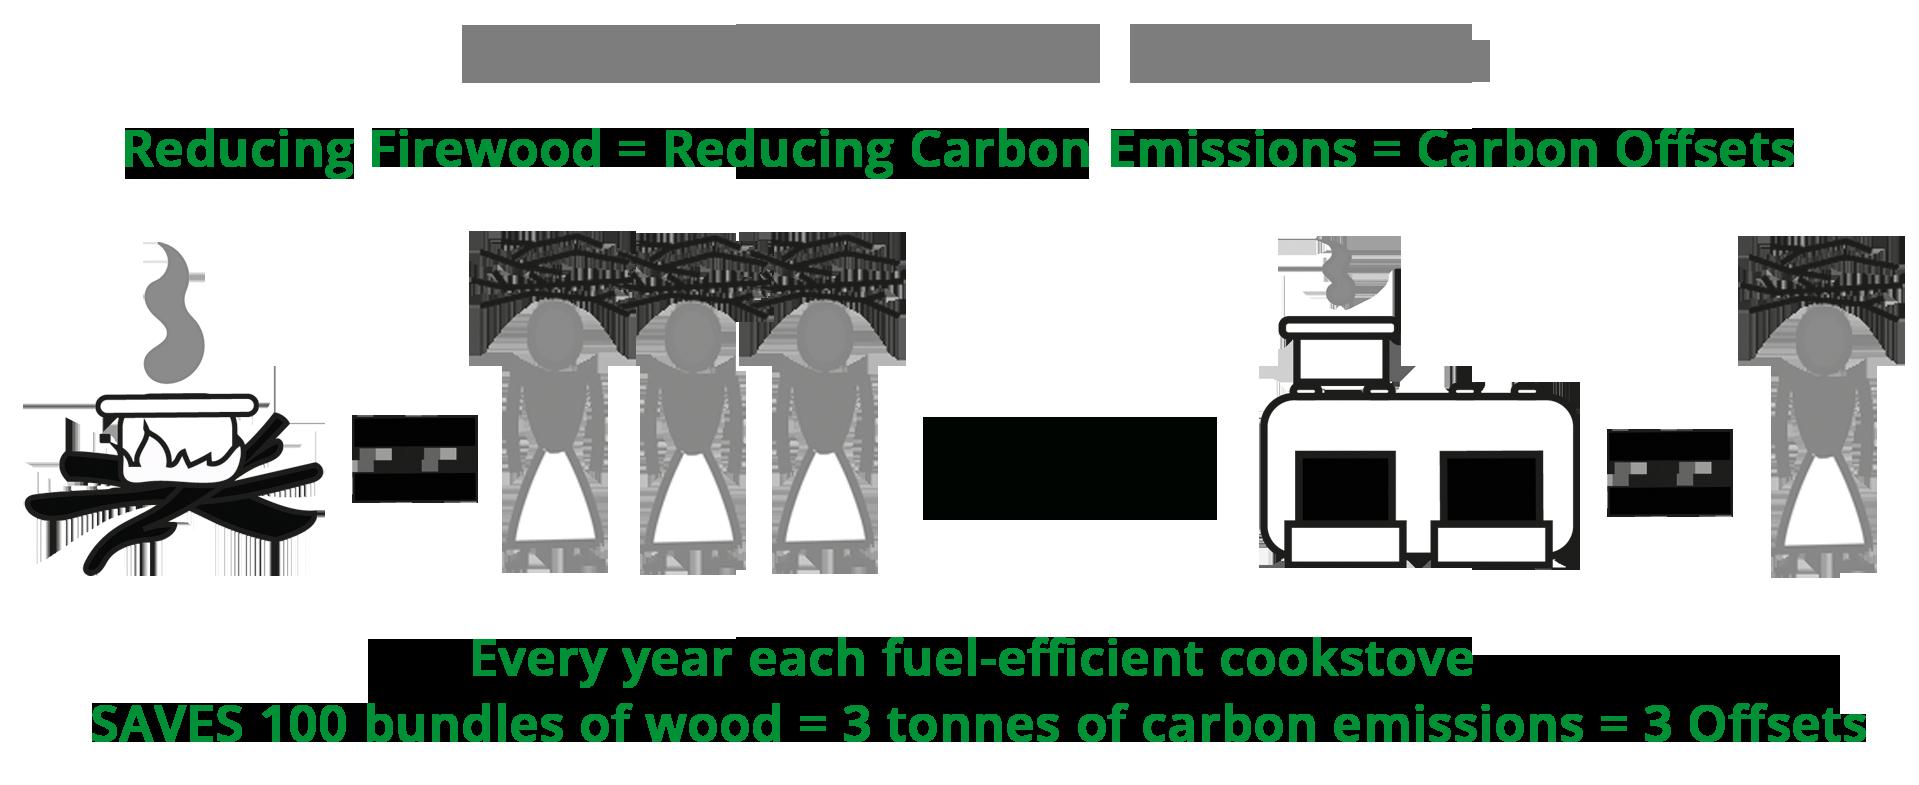 Fuel Efficient Cookstove - Carbon Offsets